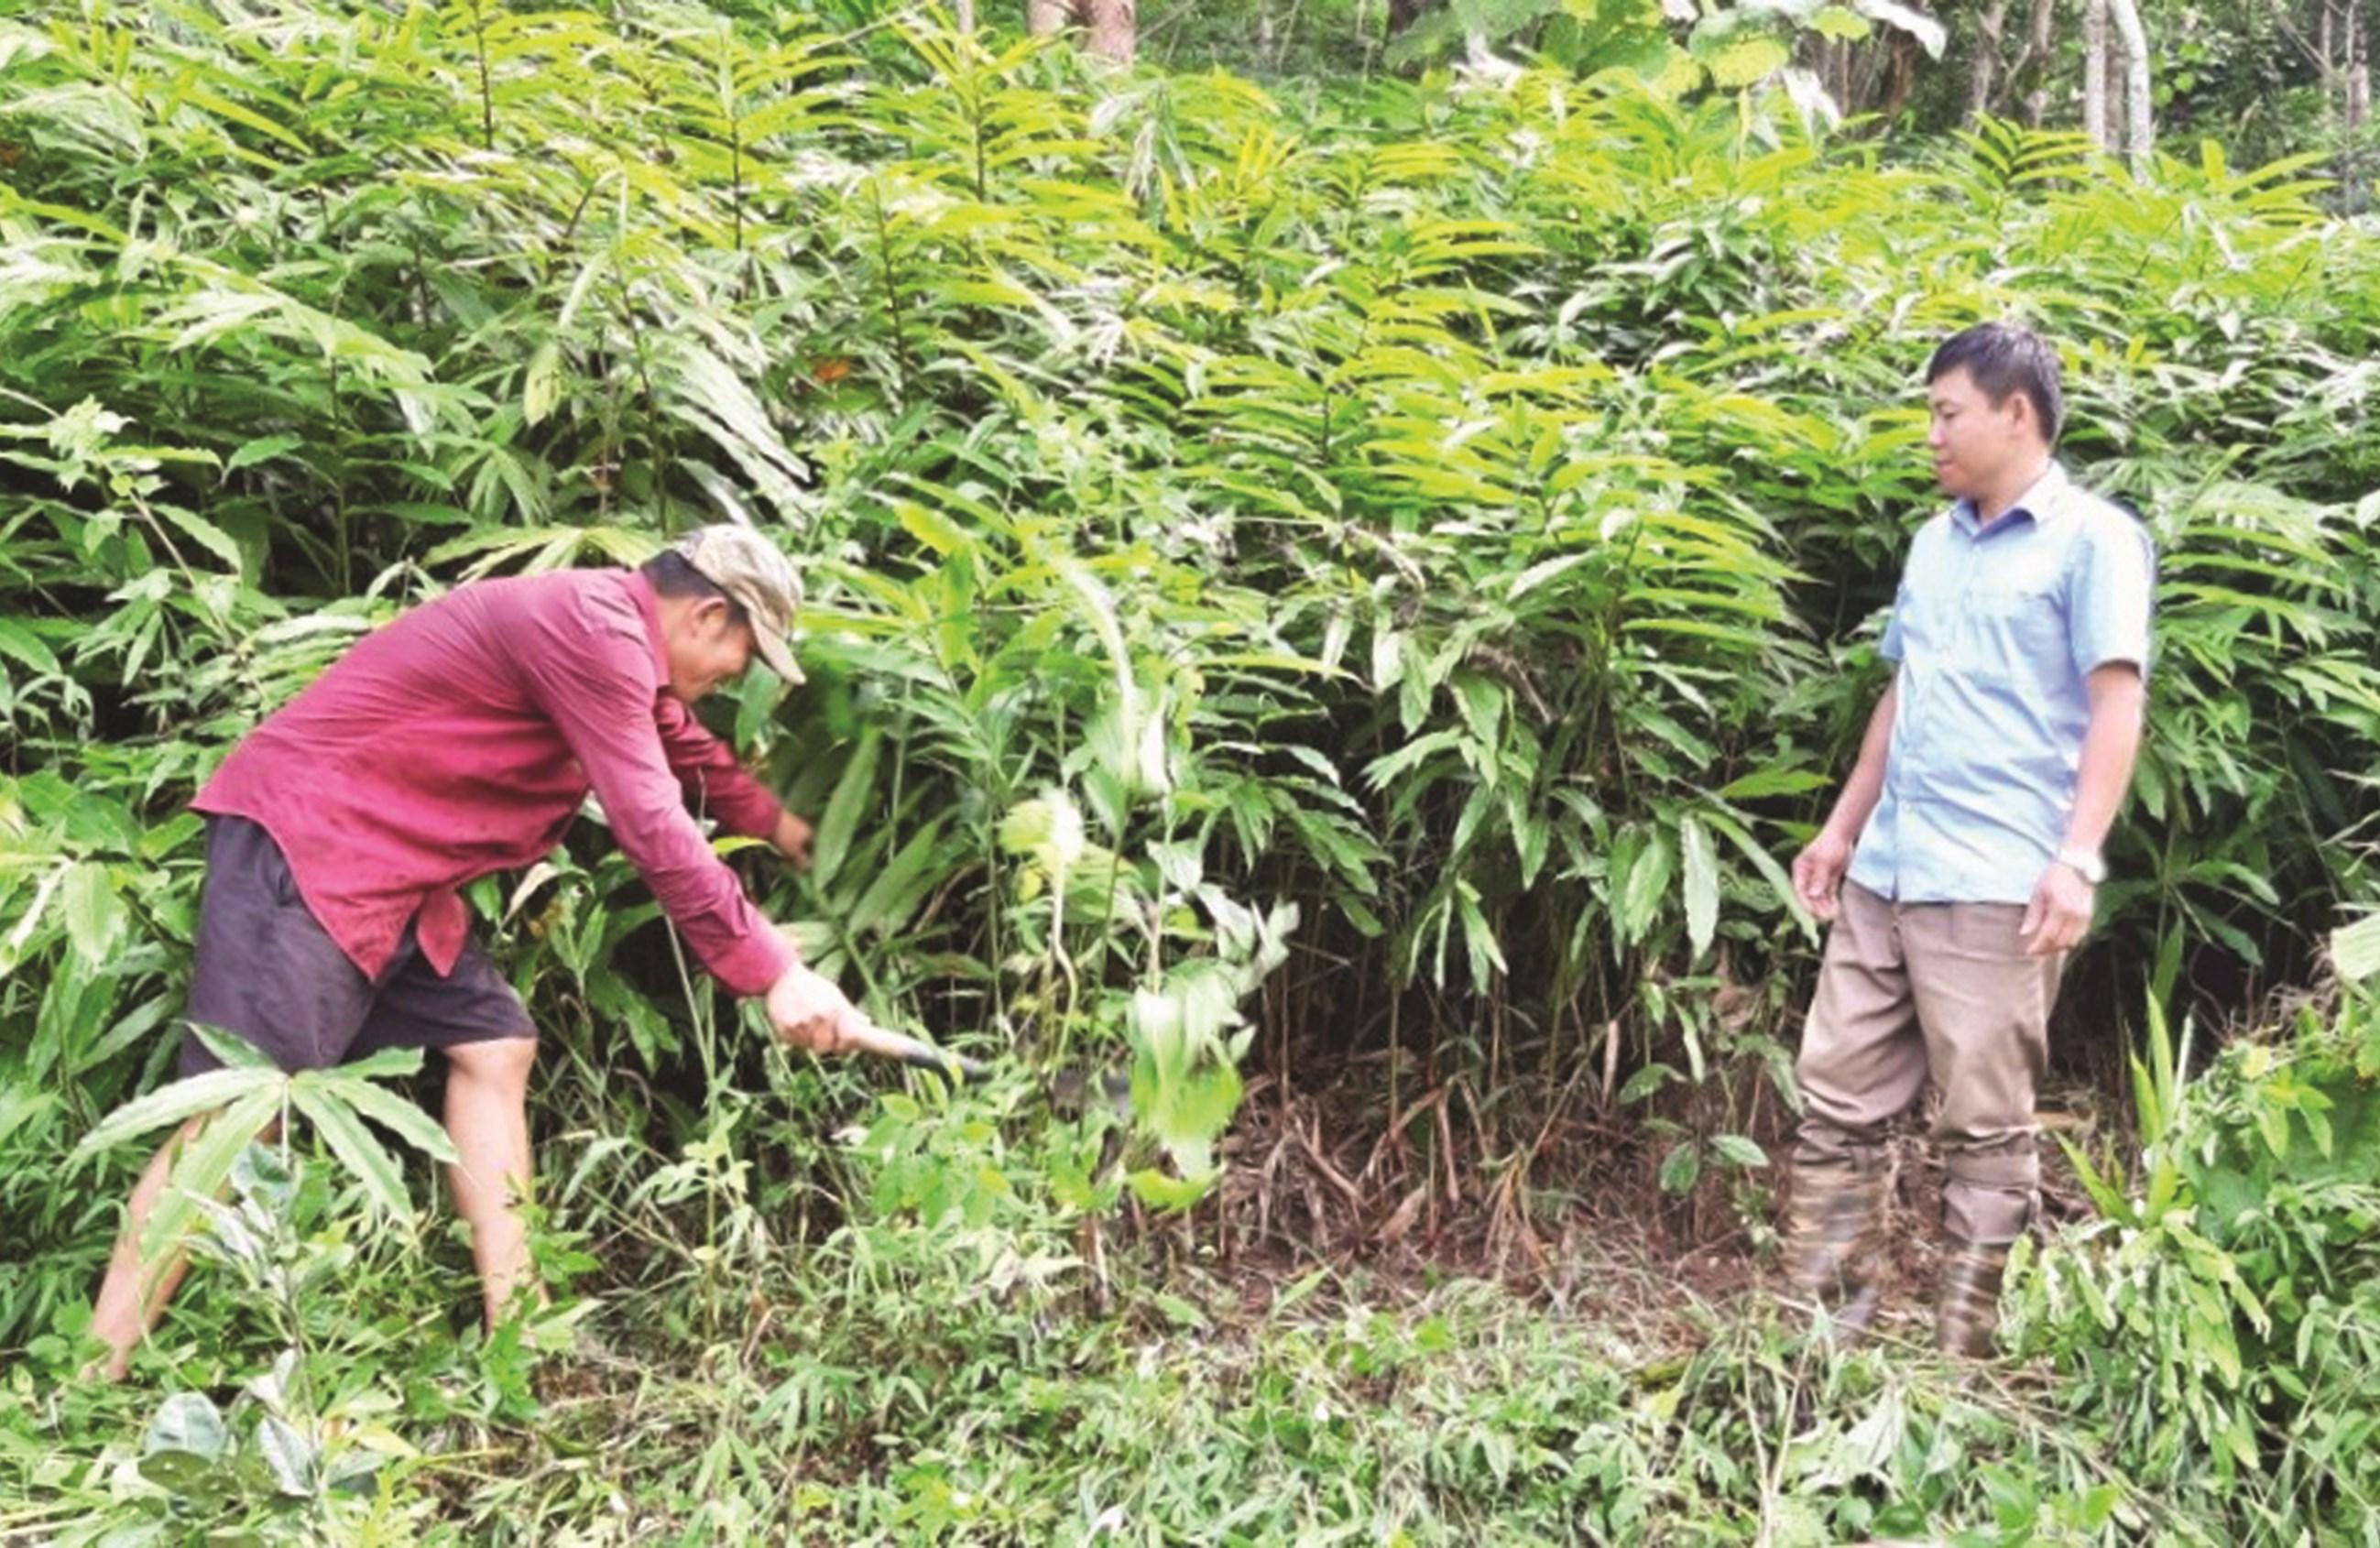 Mô hình trồng cây sa nhân dưới tán rừng tại xã Chà Nưa, huyện Nậm Pồ (Điện Biên) đem lại hiệu quả kinh tế cho người dân.